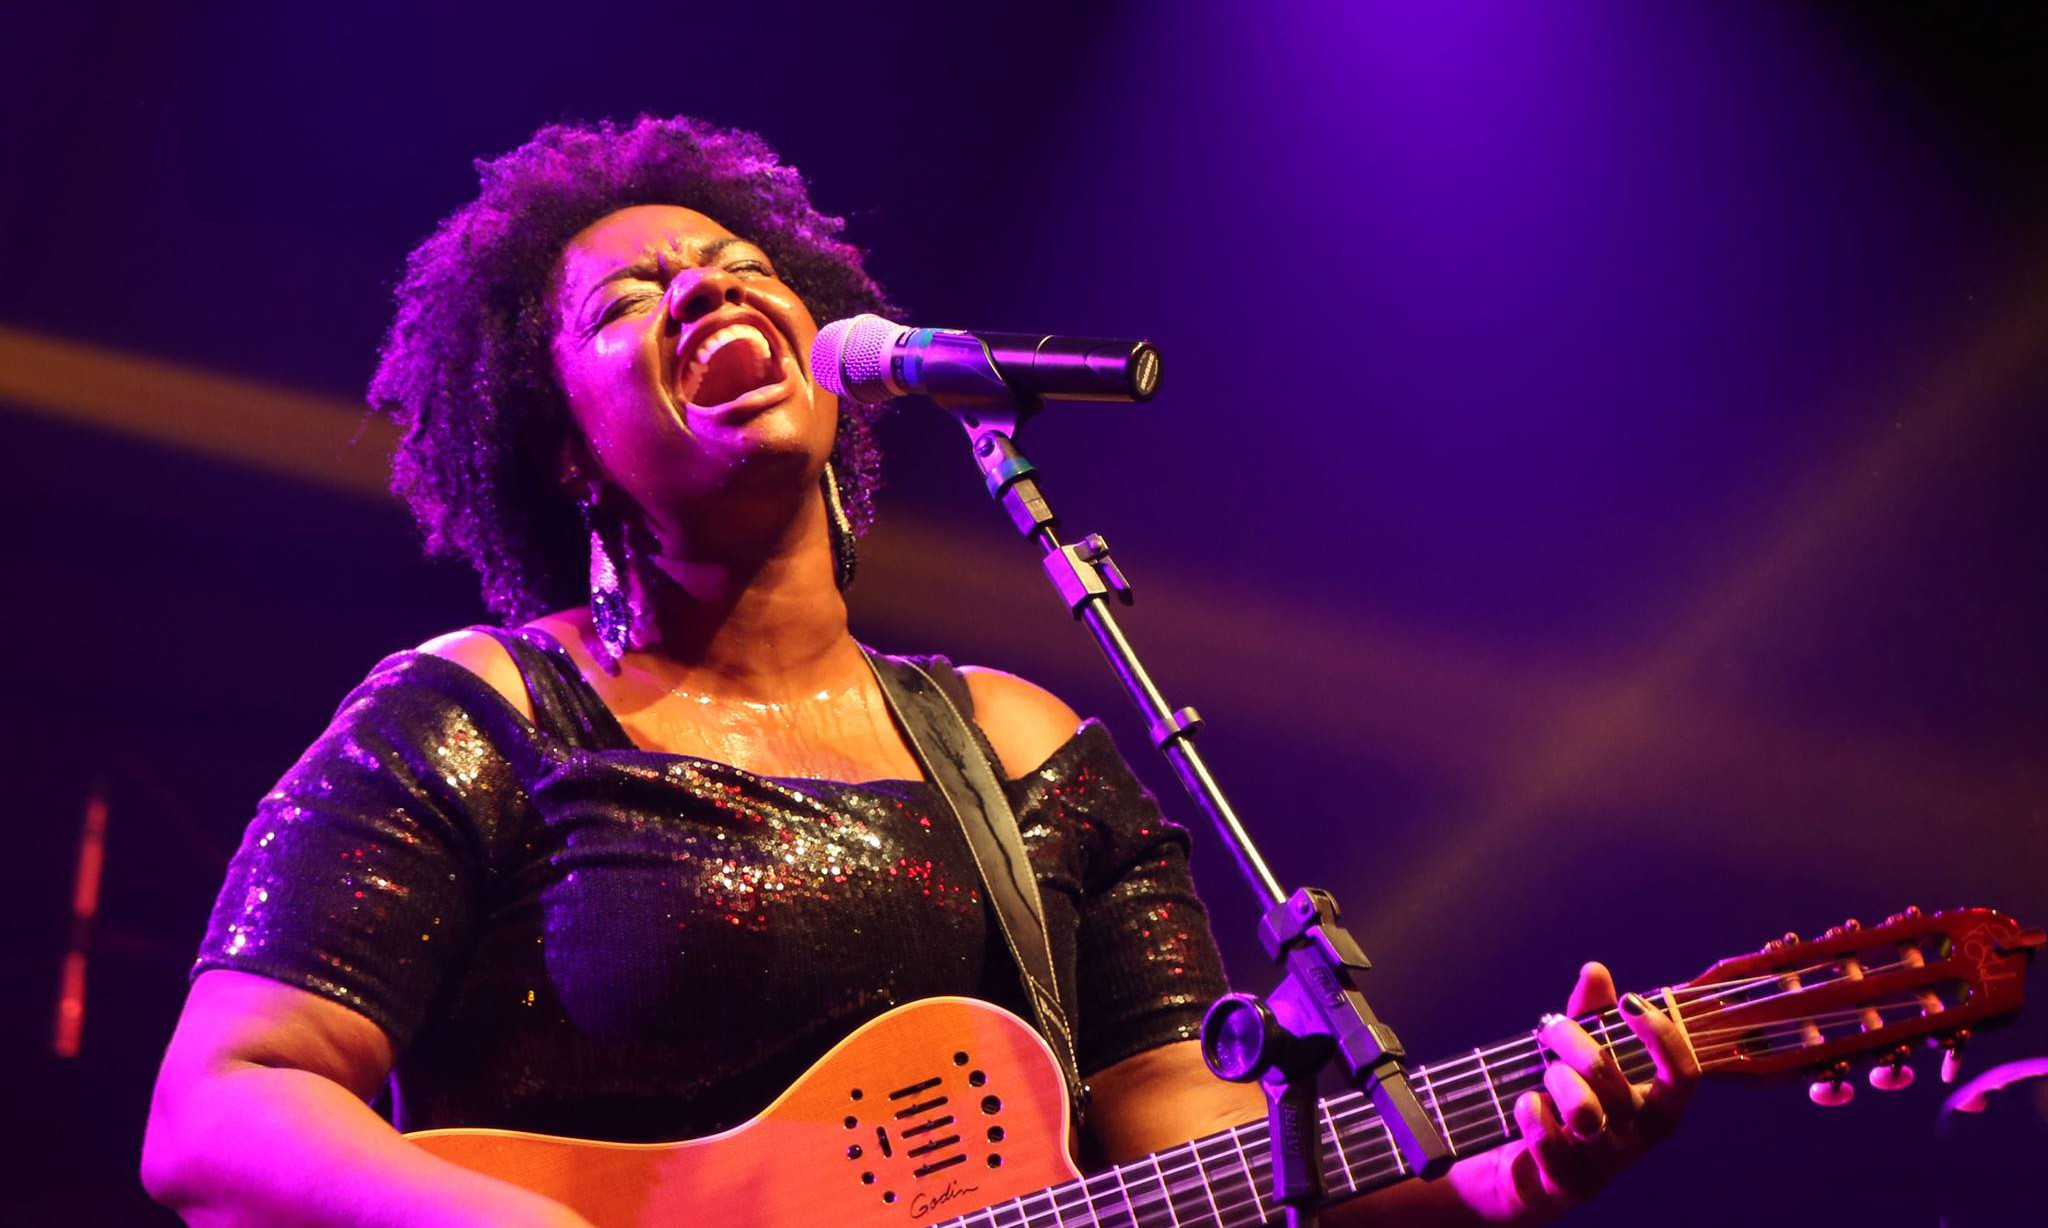 FFJ 「ブラジルの癒しの歌声」と呼ばれるエレン・オレリア